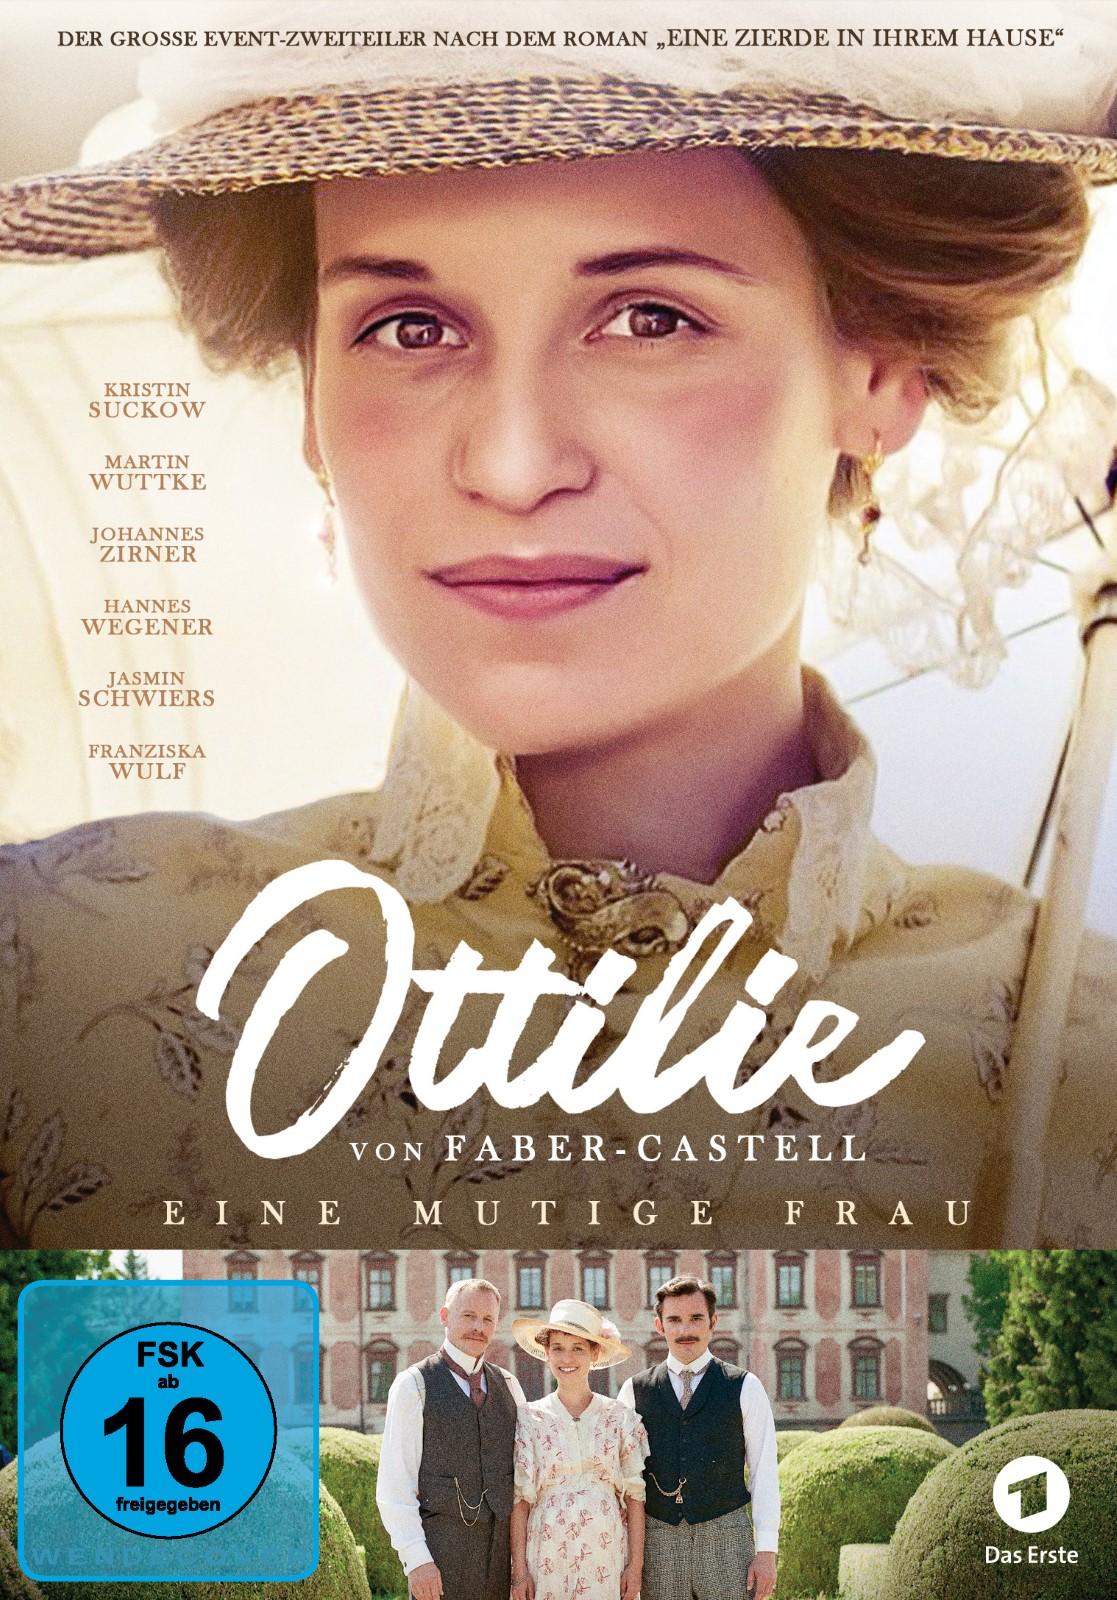 Ottilie Von Faber-Castell – Eine Mutige Frau